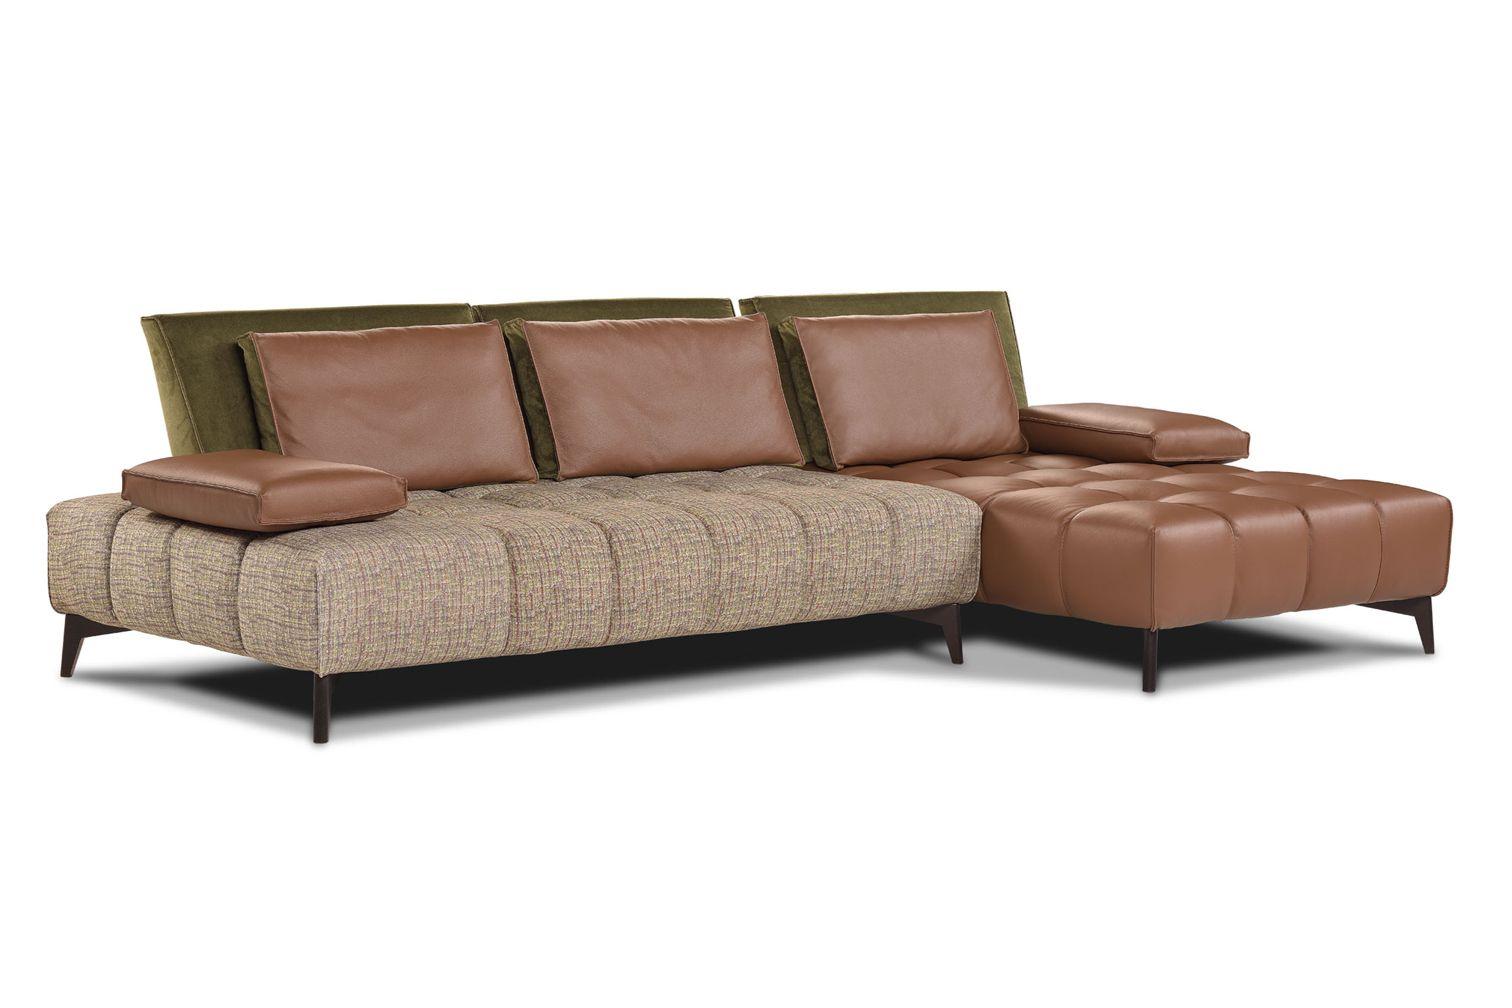 Sectional sofas sectional sofa calia italia rosemary 1086 1096 seriesfurniture from italy - Calia italia ...